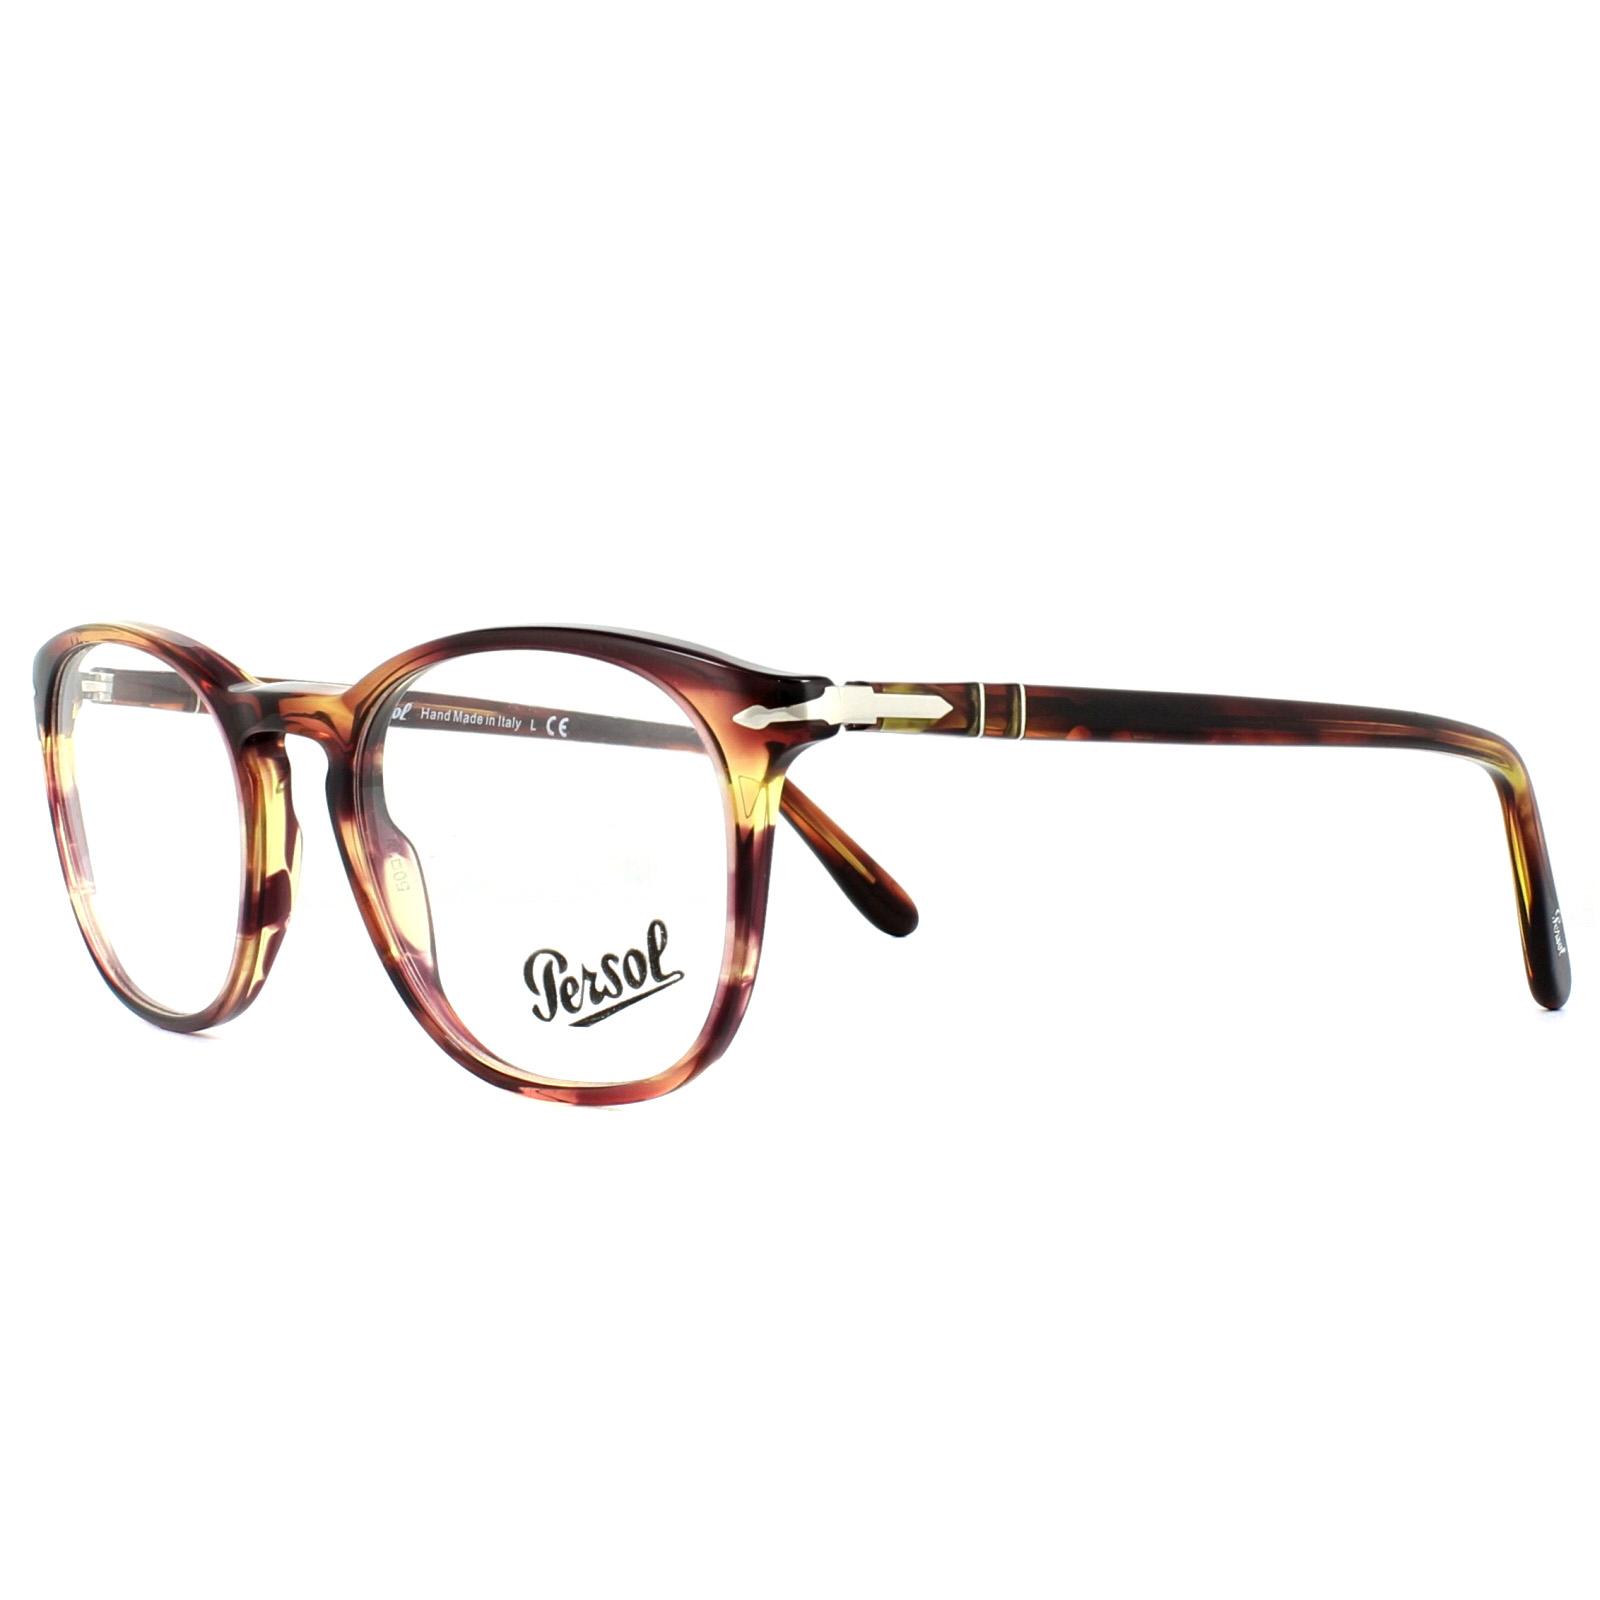 064af40a273 Details about Persol Glasses Frames PO3007V 1055 Brown Violet Tortoise 50mm  Mens